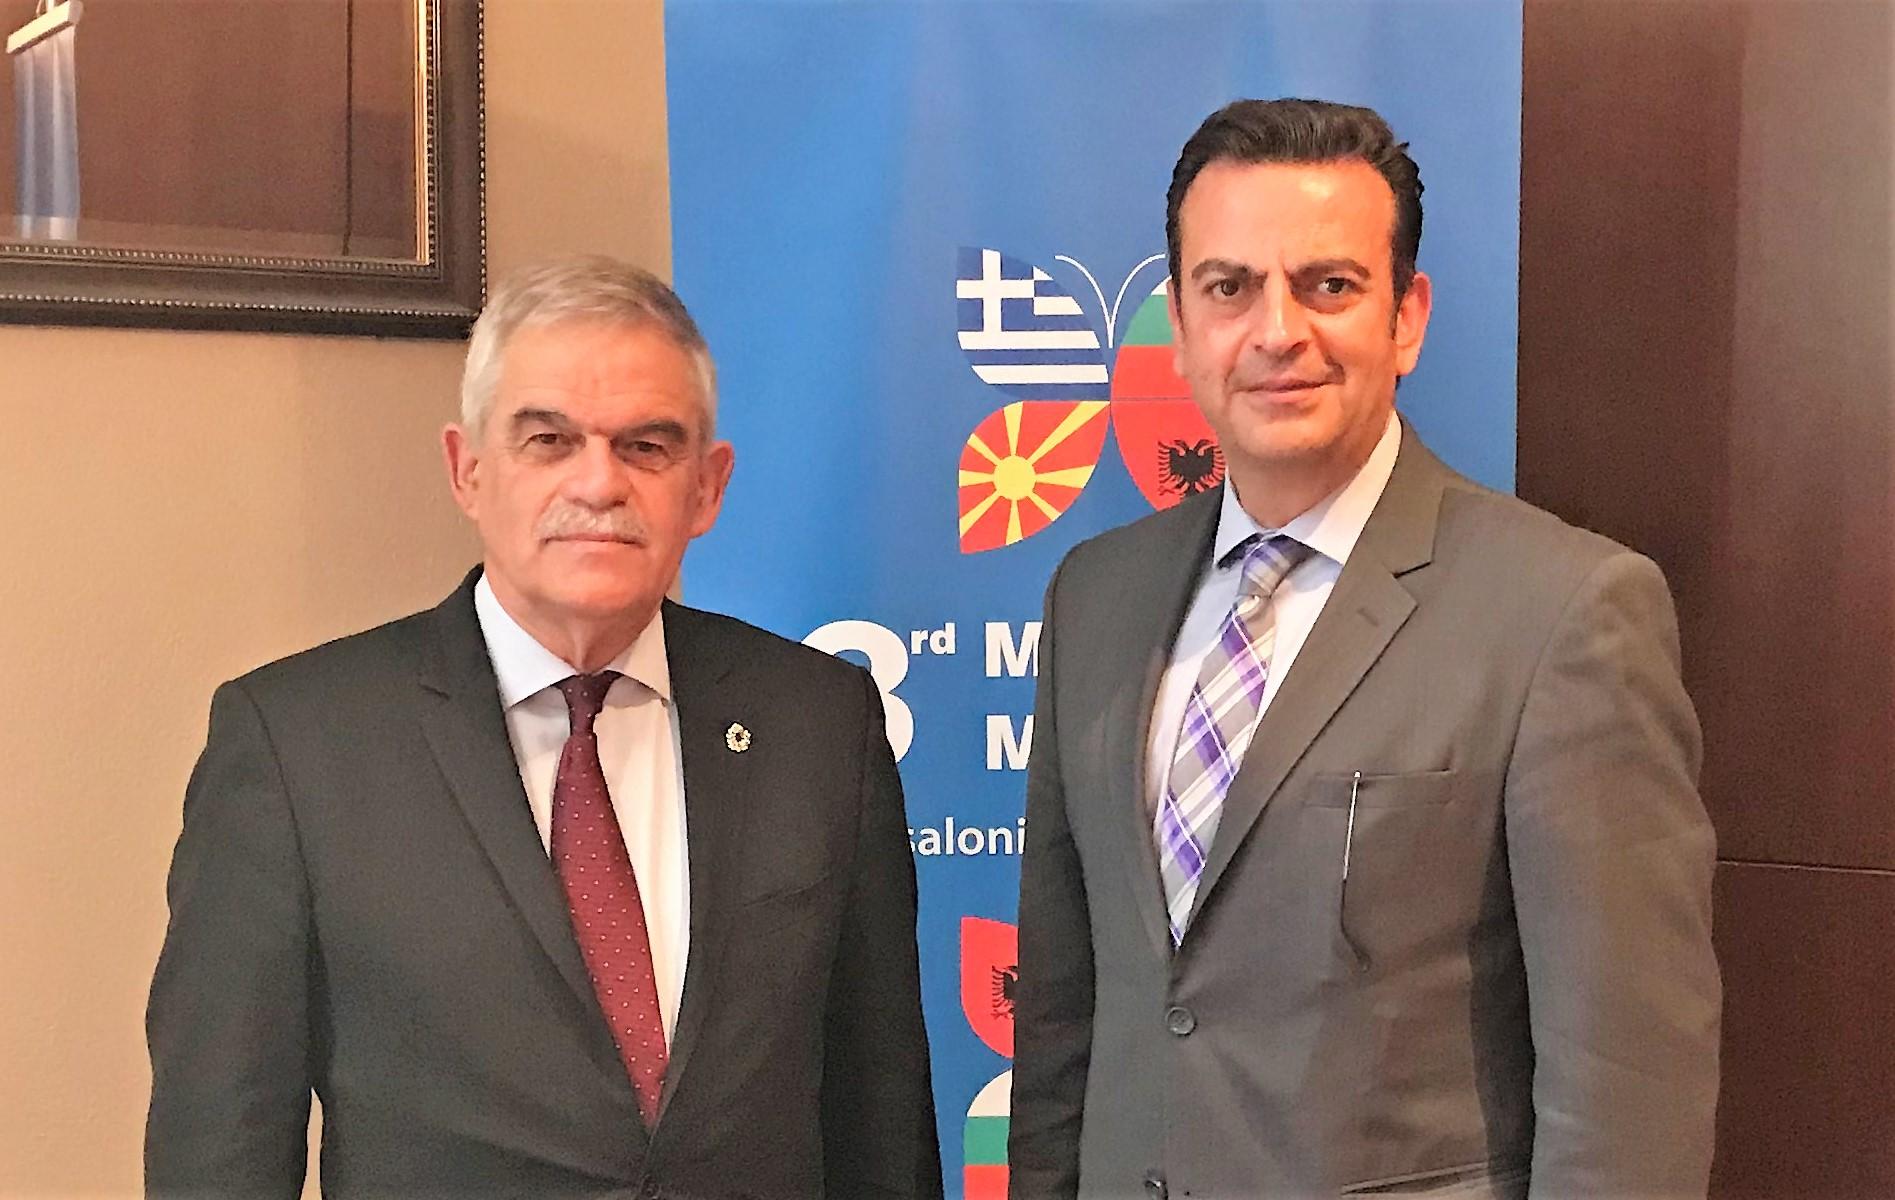 Συνέντευξη Ν. Τόσκα: Συνεργαζόμαστε διασφαλίζοντας ένα ειρηνικό περιβάλλον για την Ελλάδα.